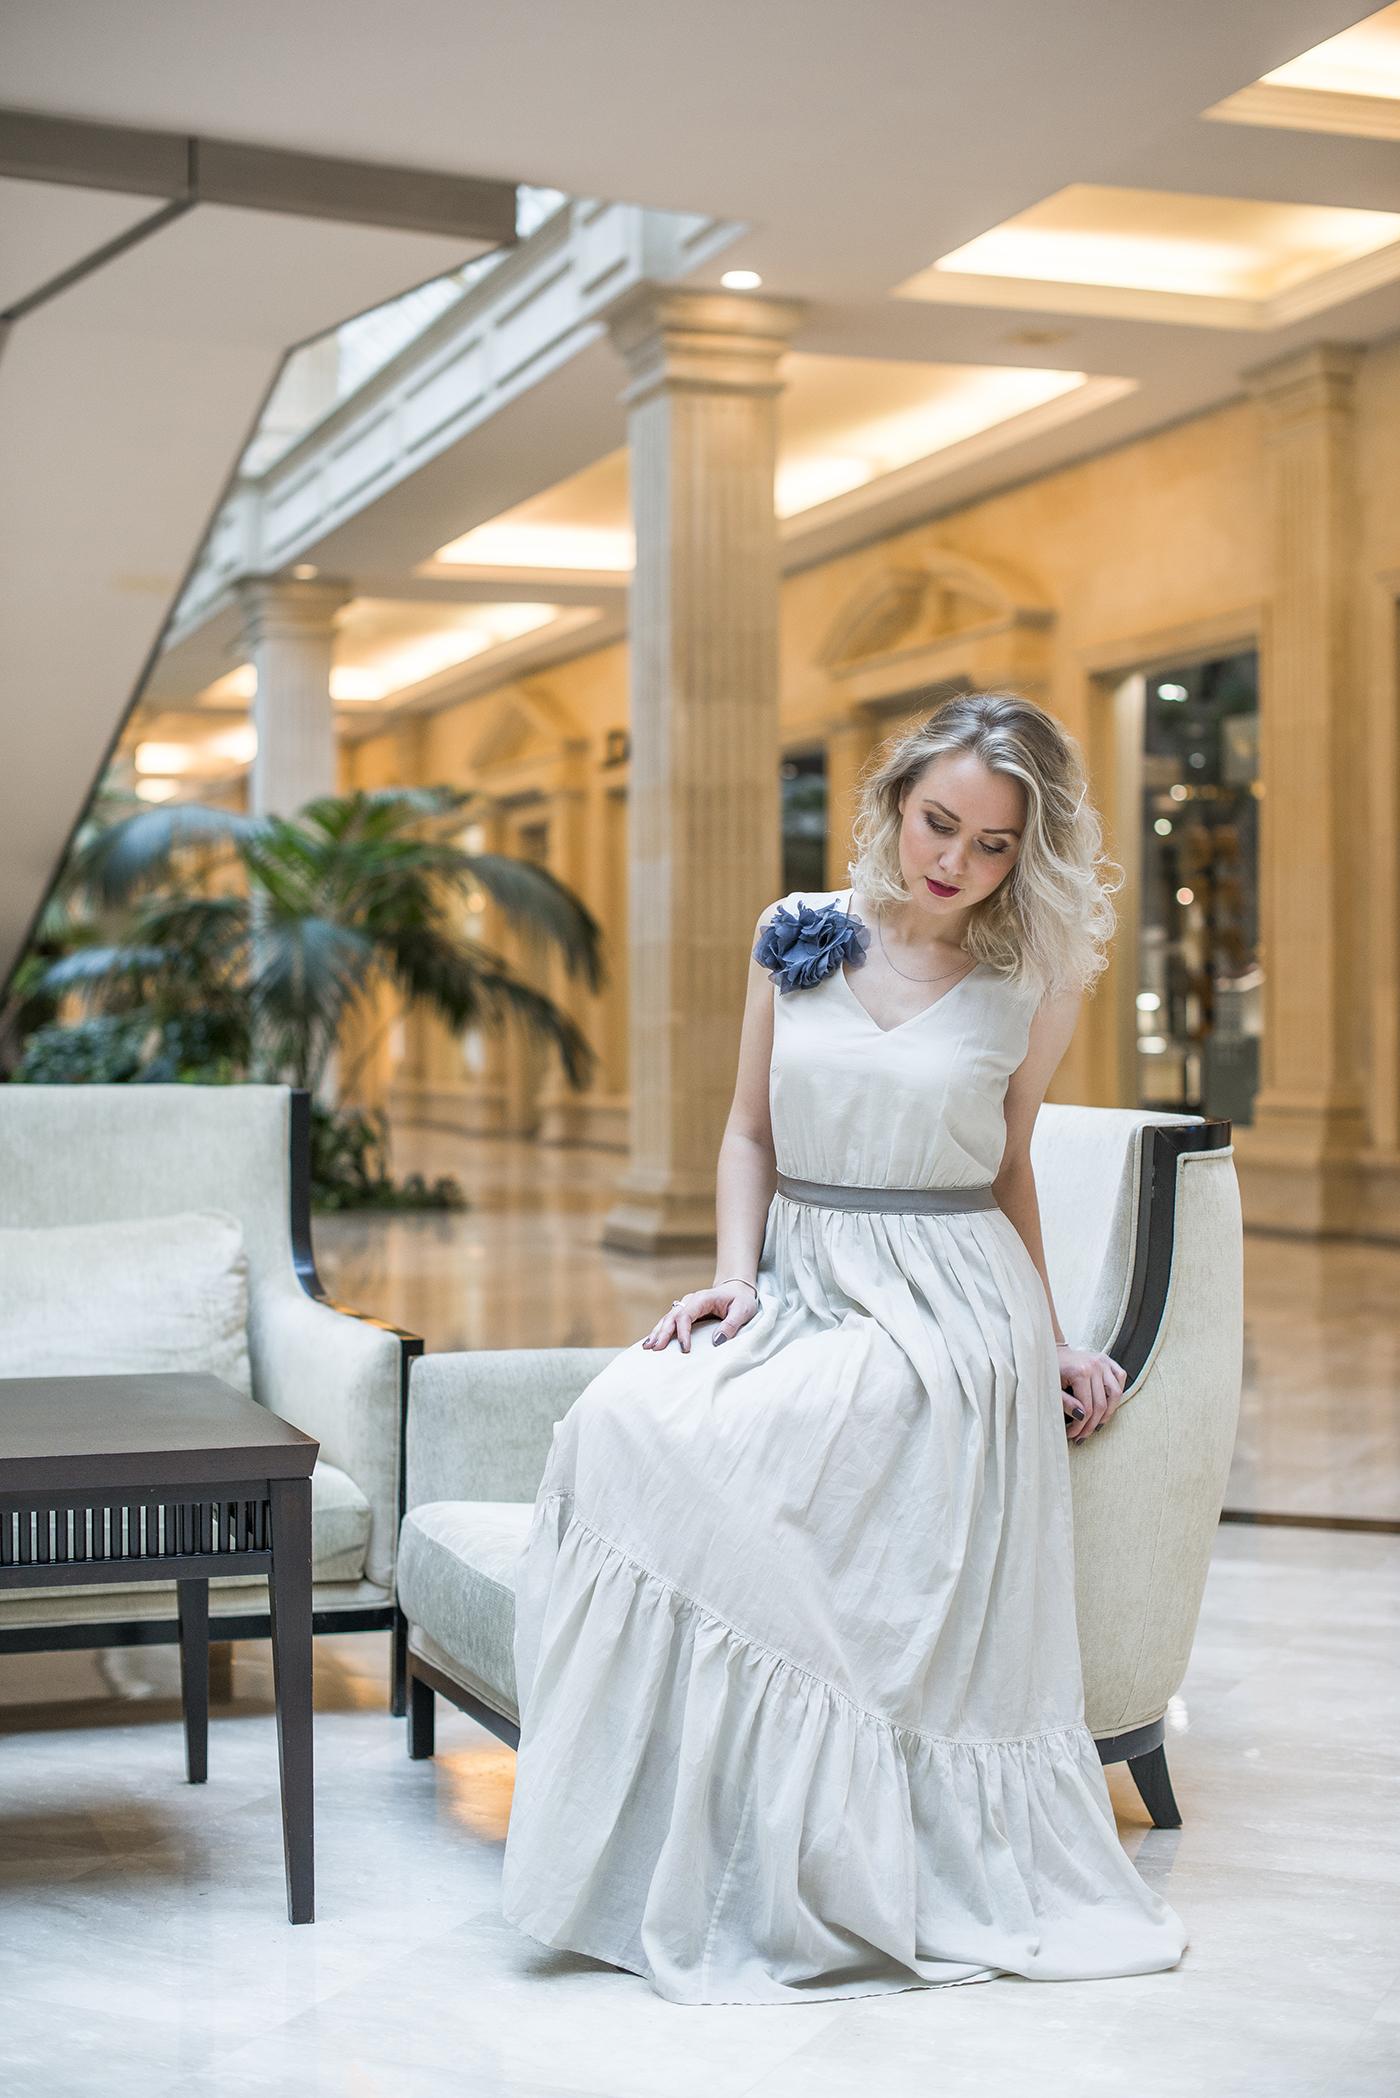 inspiration, streetstyle, spring outfit, summer outfit, annamidday, top fashion blogger, top russian fashion blogger, фэшн блогер, русский блогер, известный блогер, топовый блогер, russian bloger, top russian blogger, streetfashion, russian fashion blogger, blogger, fashion, style, fashionista, модный блогер, российский блогер, ТОП блогер, ootd, lookoftheday, look, популярный блогер, российский модный блогер, russian girl, с чем носить льняные вещи, с чем носить платье в горошек, с чем носить брюкив полоску, striped pants streetstyle, цветовые сочетания, streetstyle, красивая девушка, Анна миддэй, анна мидэй, peserico, peserico italy, peserico SS 2017, девушка в очках, стиль 70-х, оправа crizal, линзы crizal, как сочетать пастельные оттенки, крокус сити молл, льняные вещи, стильные комплекты с льняными вещами, кашемир и шелк, cashmere and silk